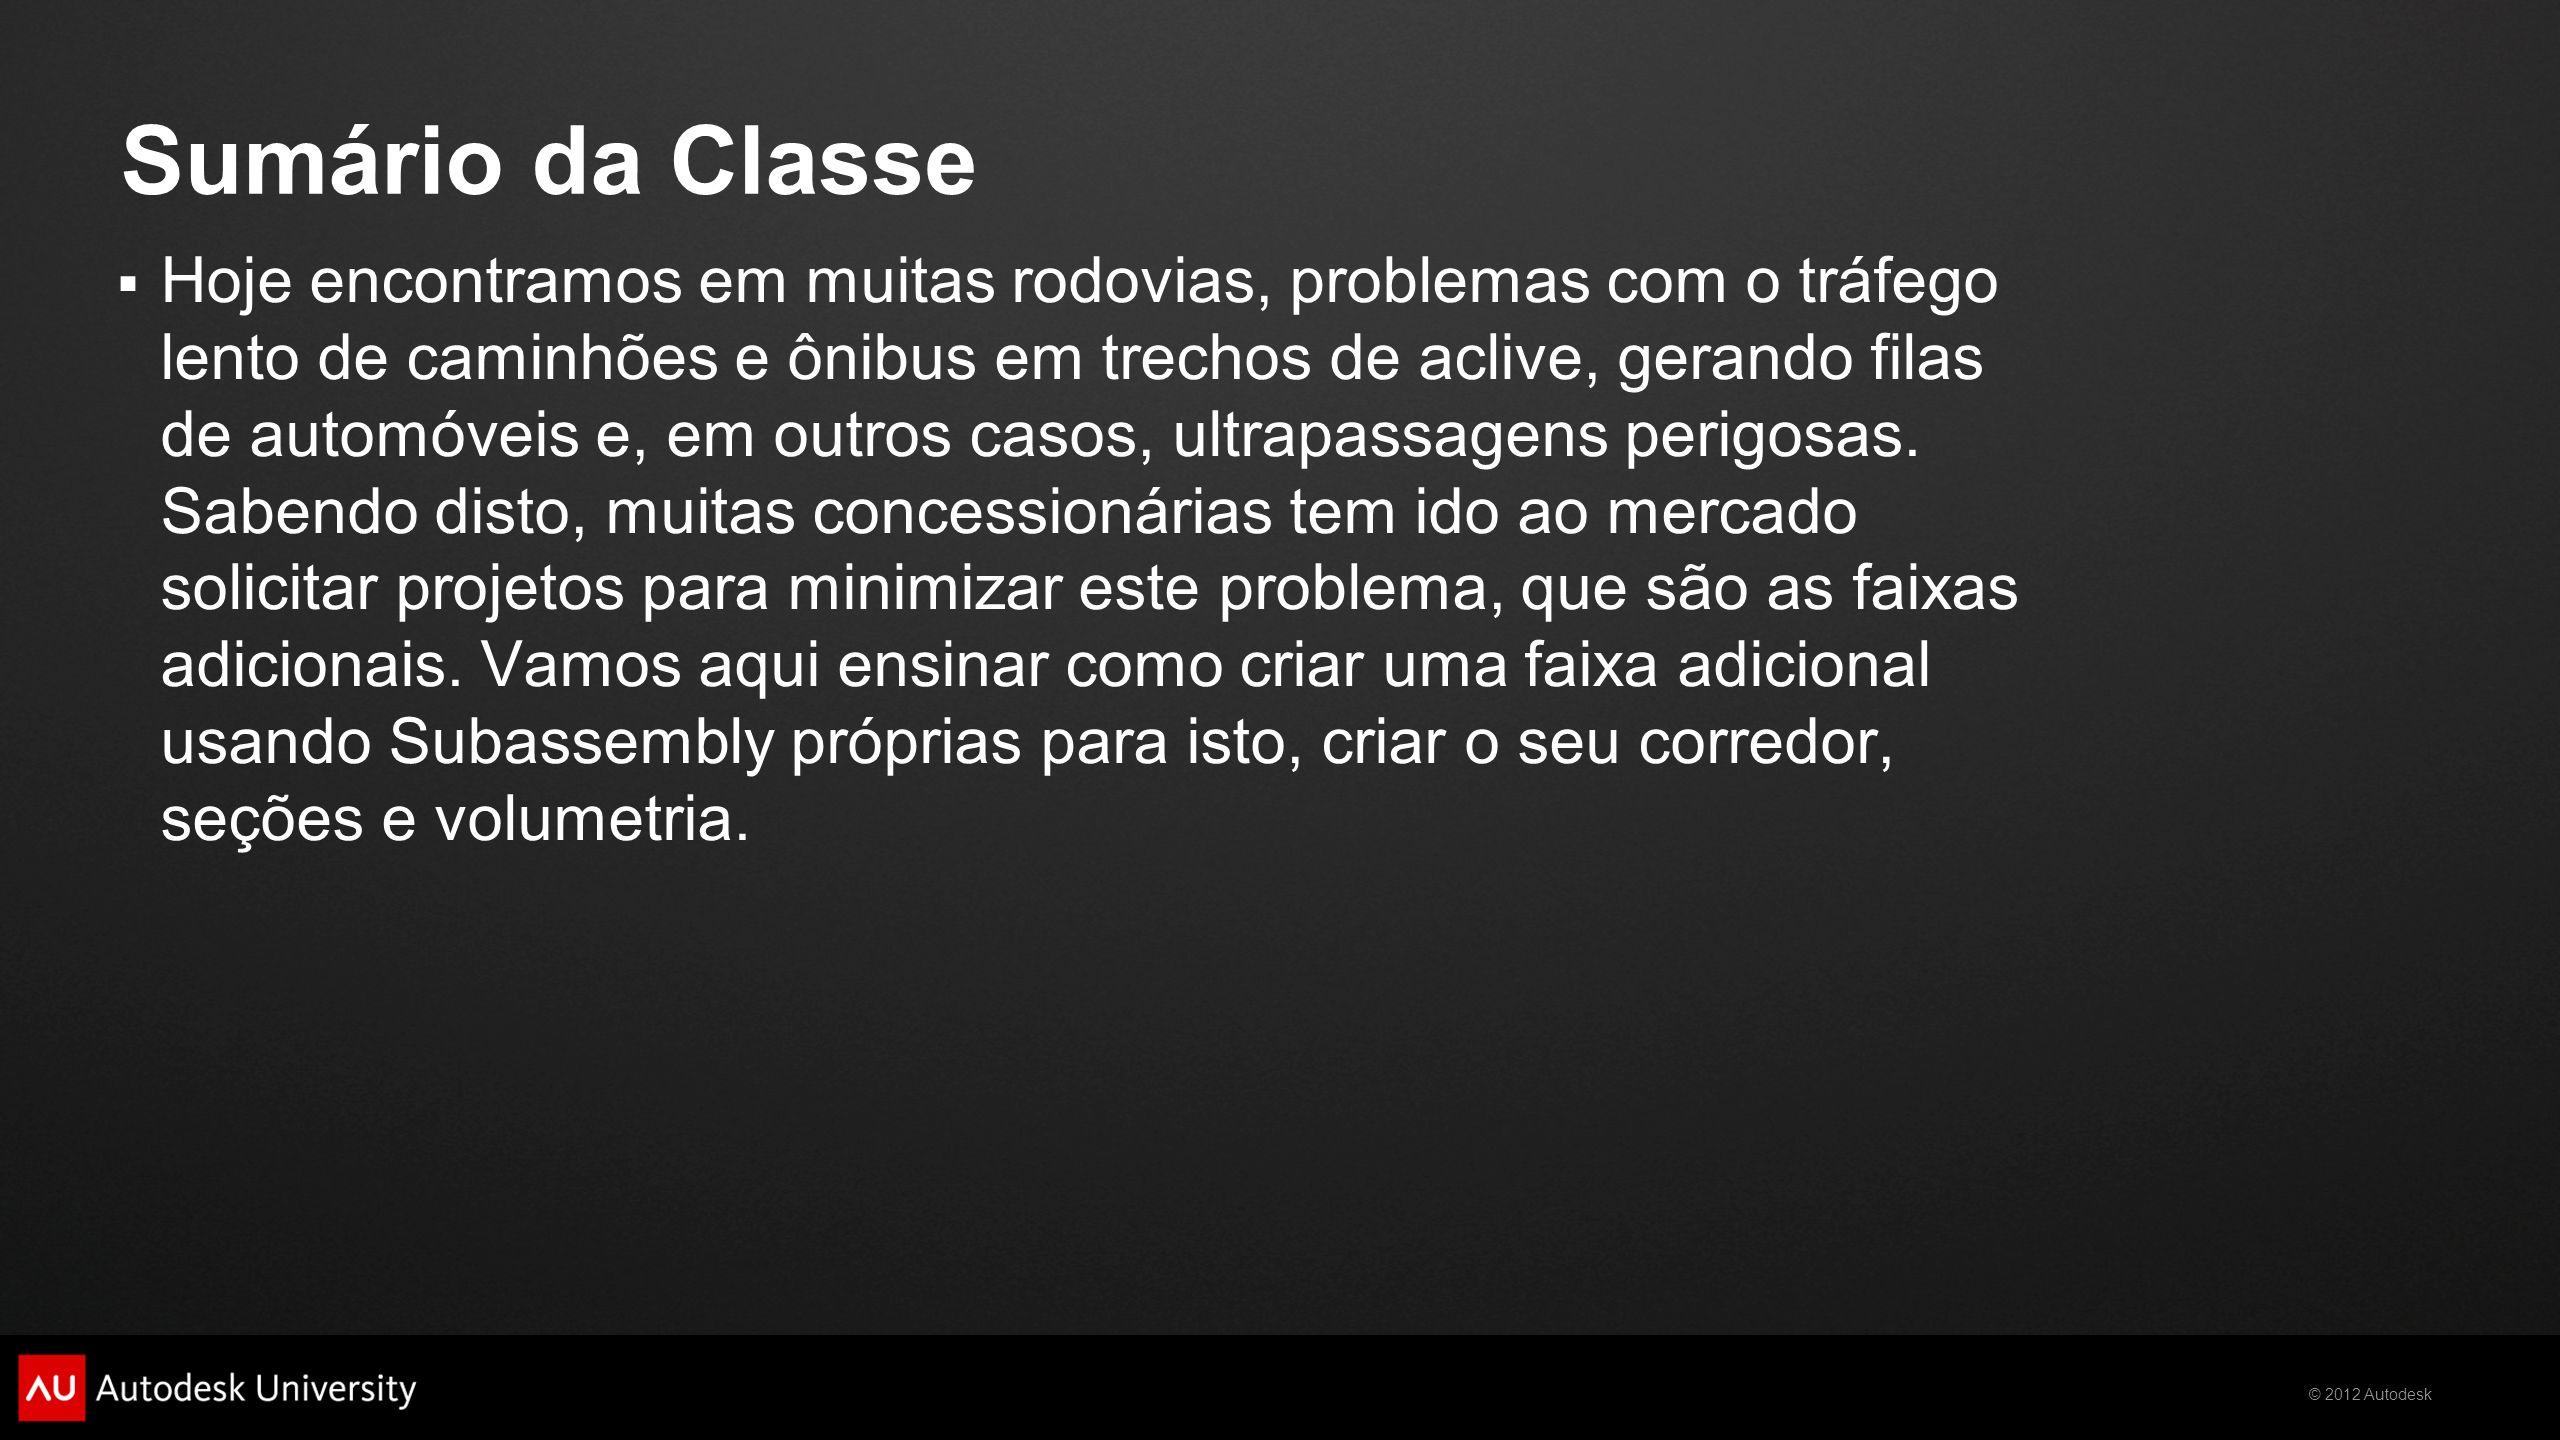 Sumário da Classe